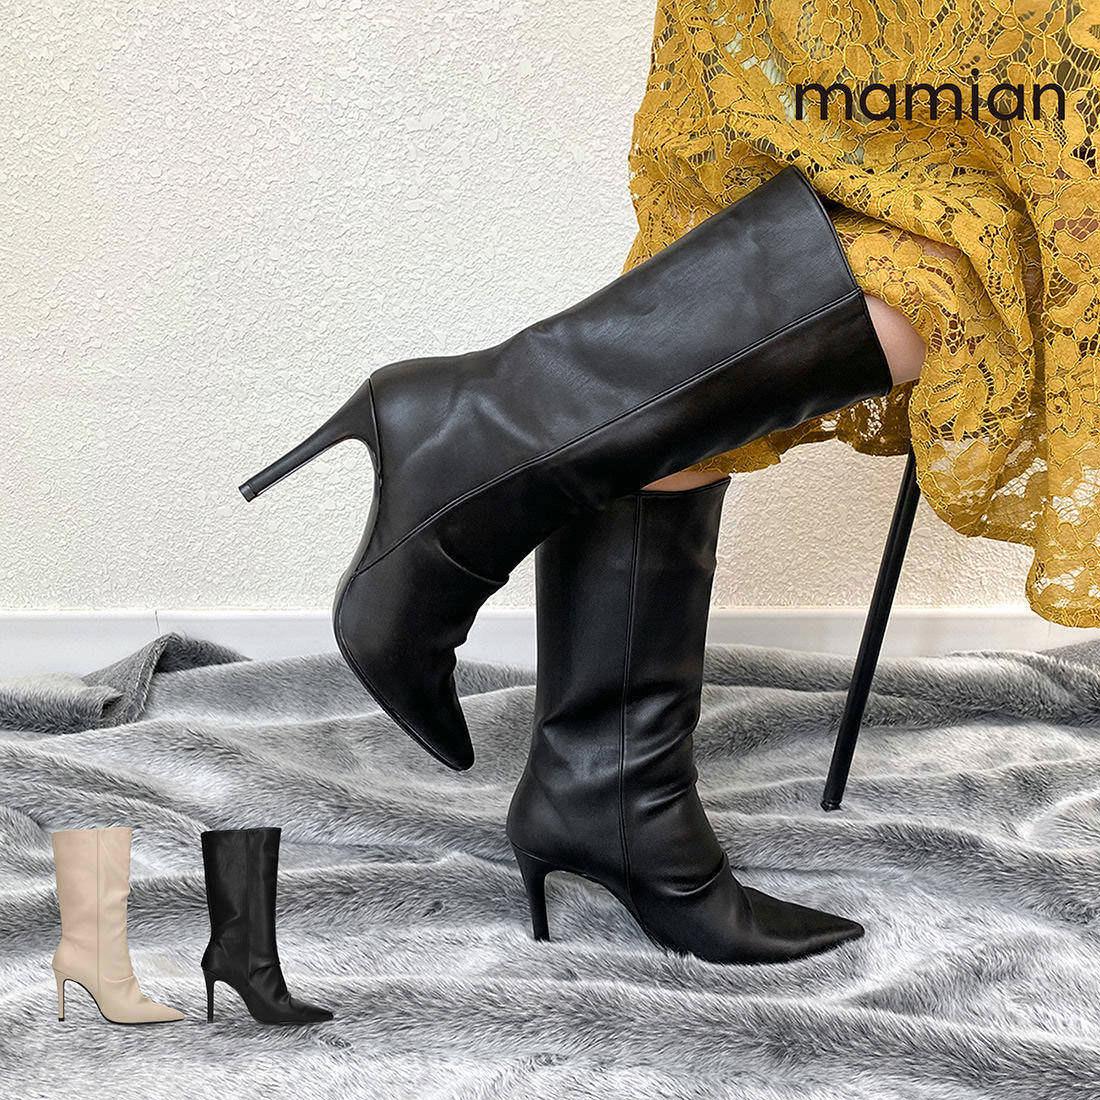 ポインテッドトゥストレッチブーツ 976 :履きやすさと美脚に魅せるマミアンのブーツ:ランダムに施したギャザーがエレガントな9cmのハイヒールハーフ丈ブーツ 美脚ミドル丈ブーツ 足が痛くない なりにくい 9.0cmヒール Lグレージュ black 新作製品、世界最高品質人気! レディース 安売り SML 日本製 2021AW 黒 ポインテッドトゥギャザーブーツ ブラック